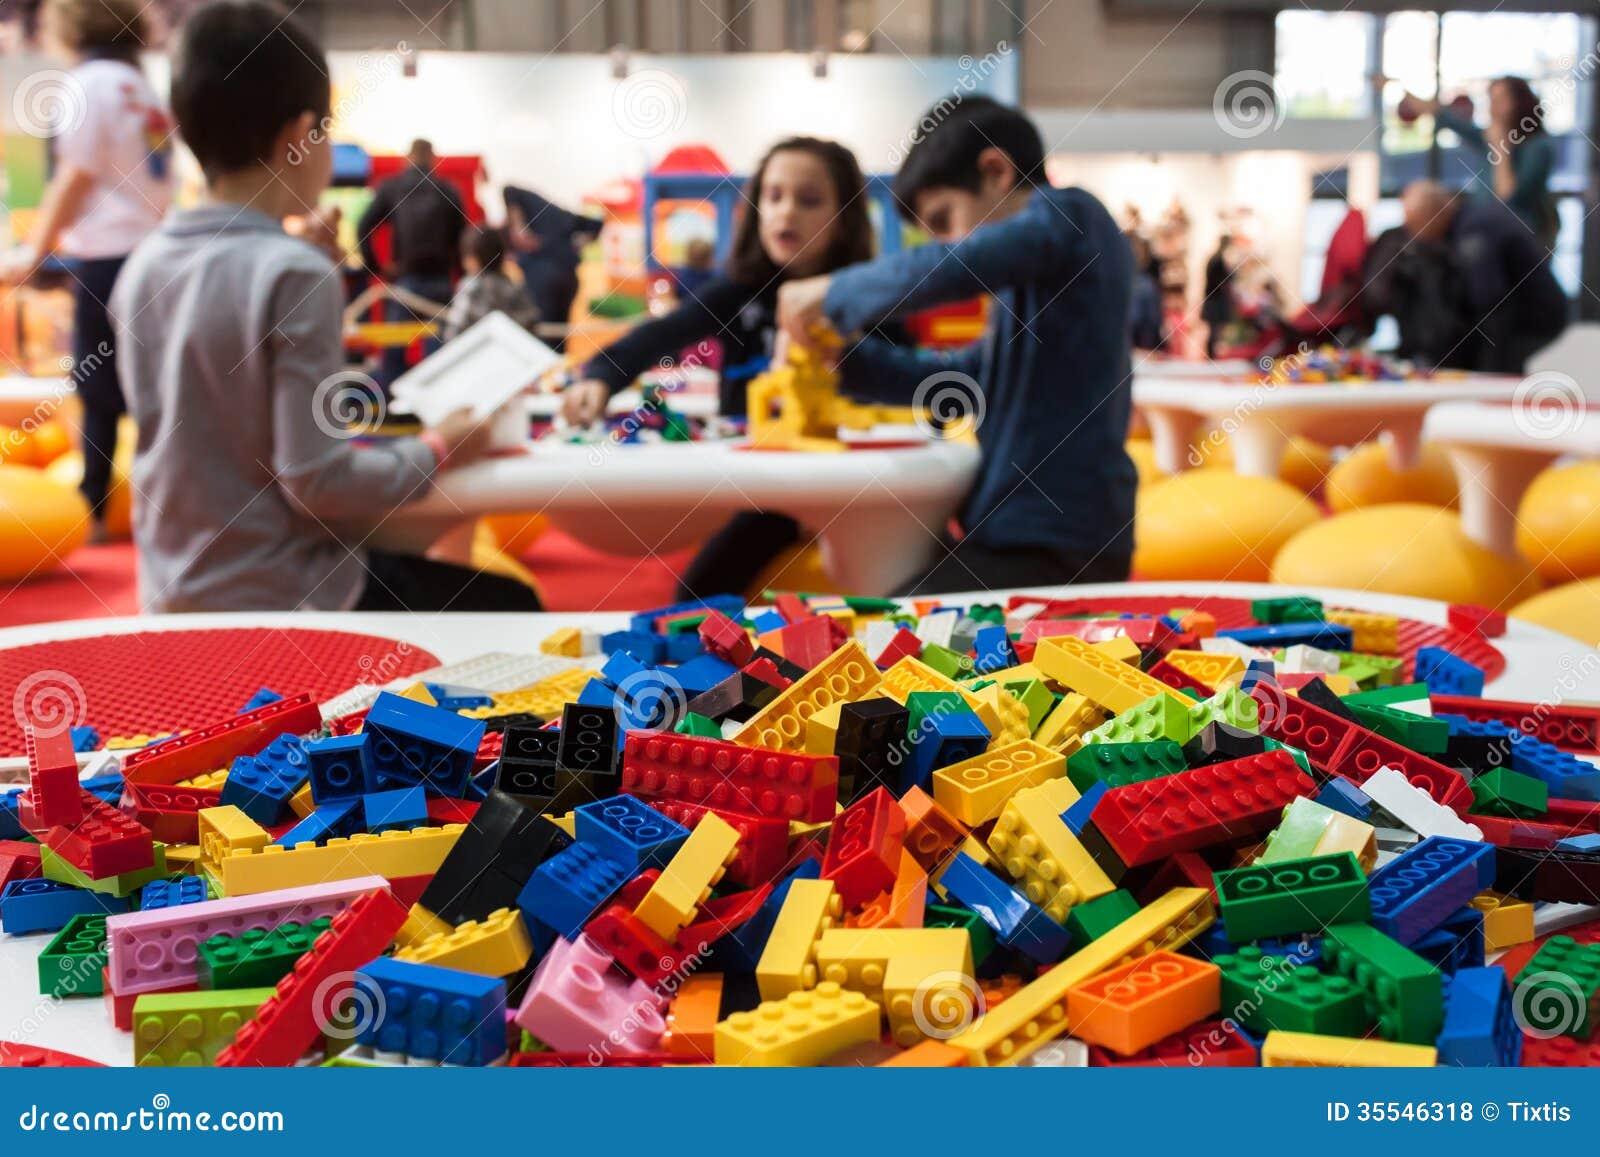 ¡Detalle de los ladrillos del edificio de Lego en G! viene el giocare en Milán, Italia